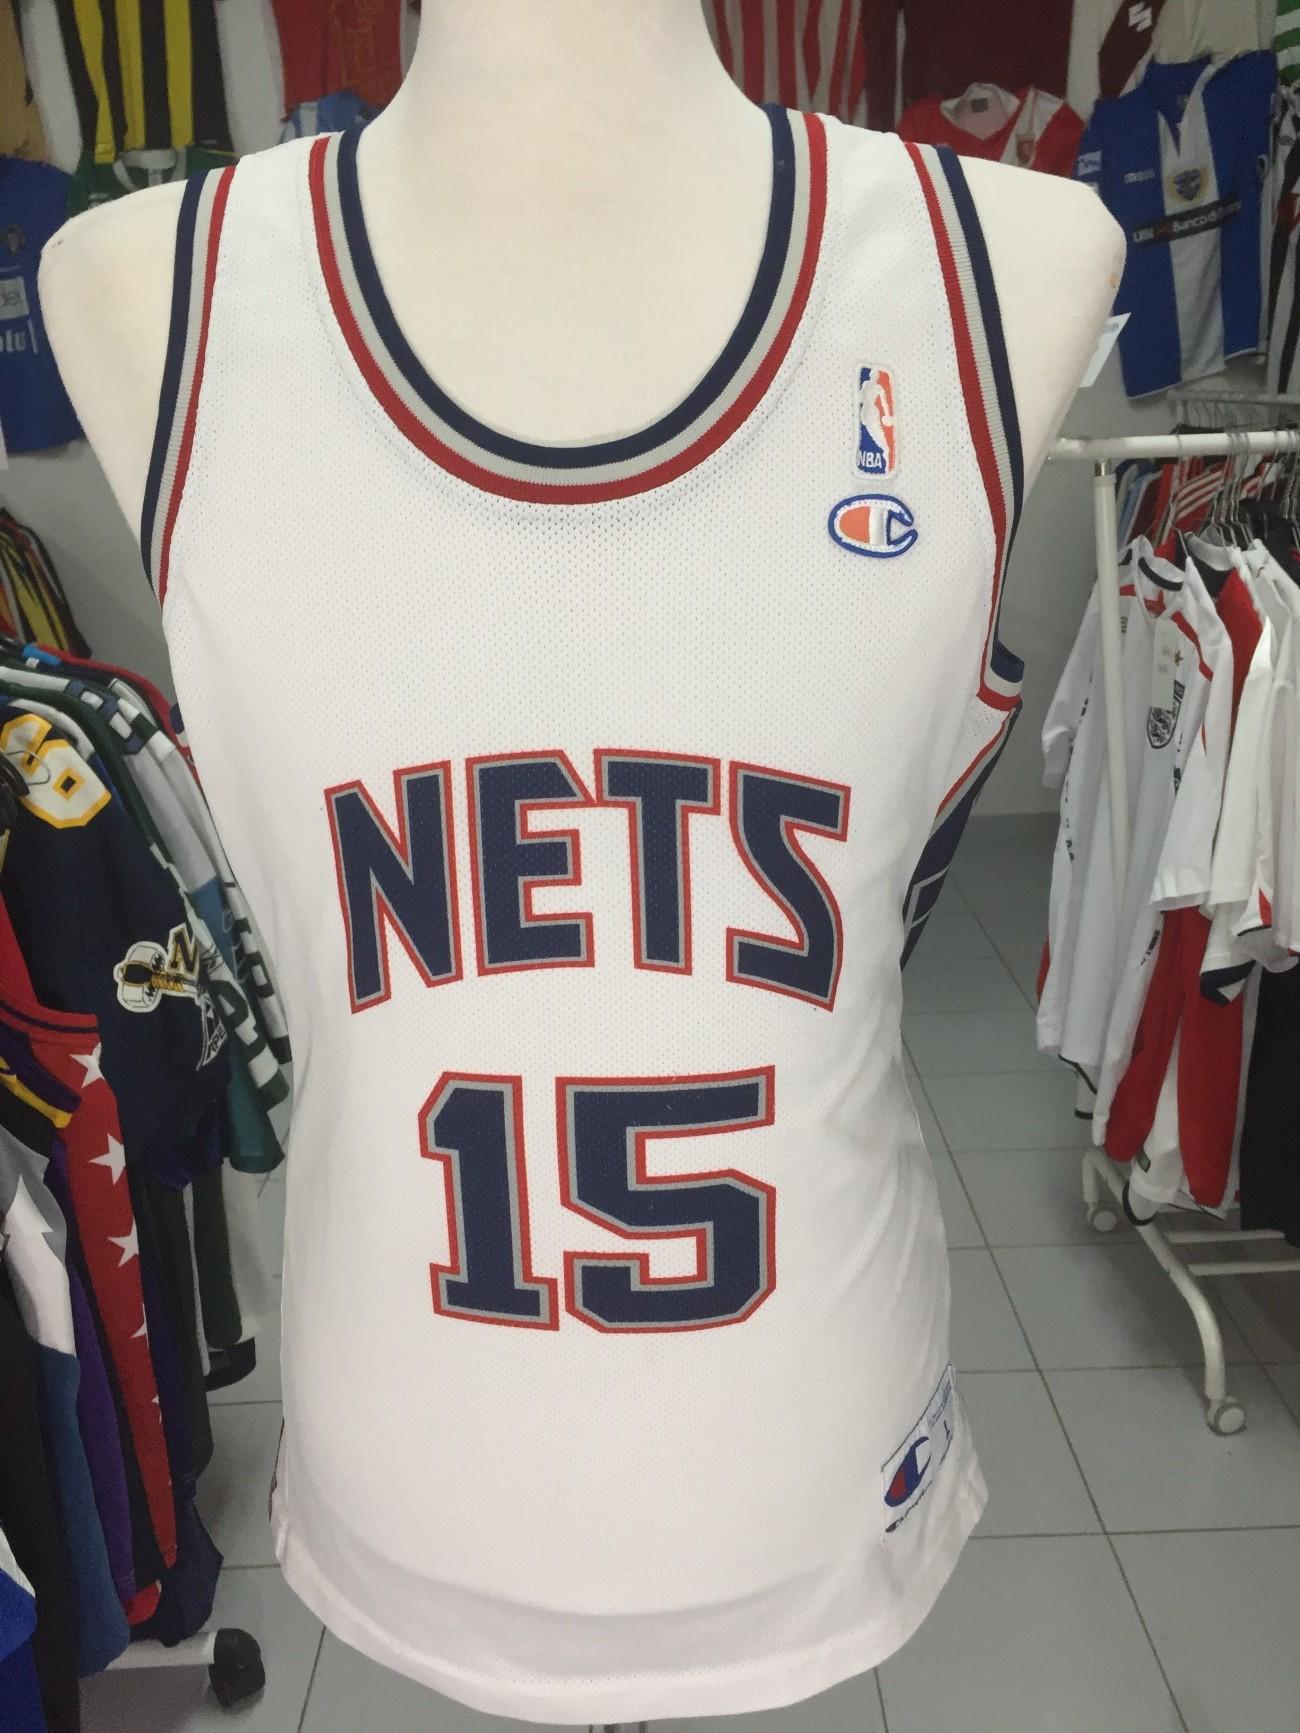 824fbabc5f6d New Jersey Nets Shirt (L)  15 Vince Carter NBA Jersey Champion ...